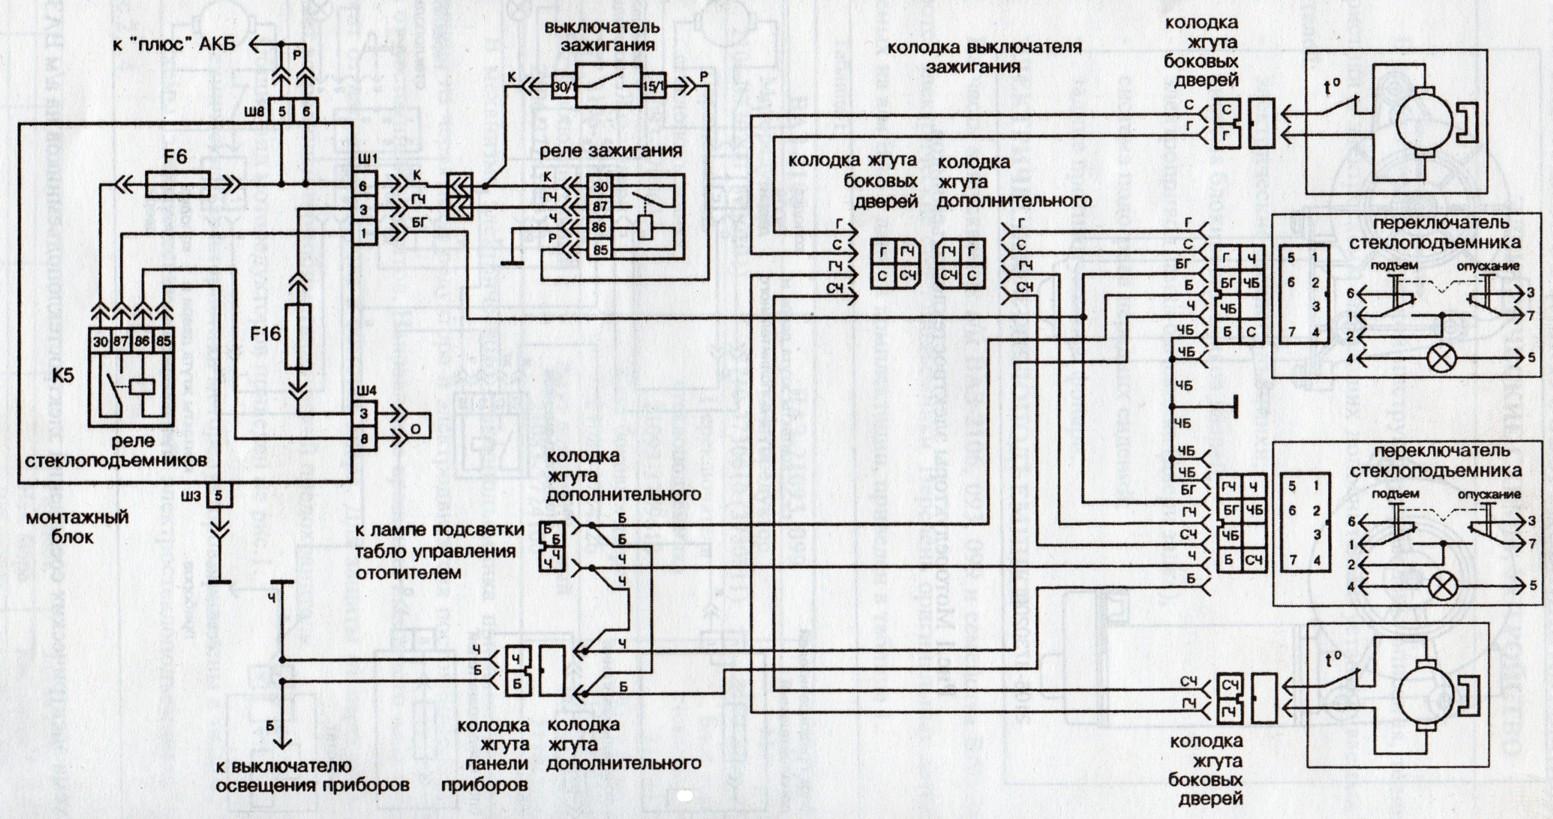 электрическая принципиальная схема ваз-2110